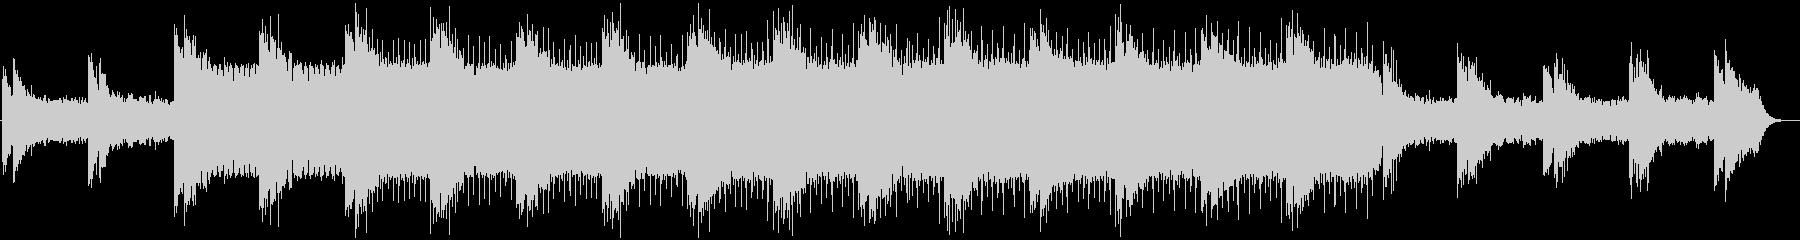 シンセ音が怪しい雰囲気を演出するBGMの未再生の波形